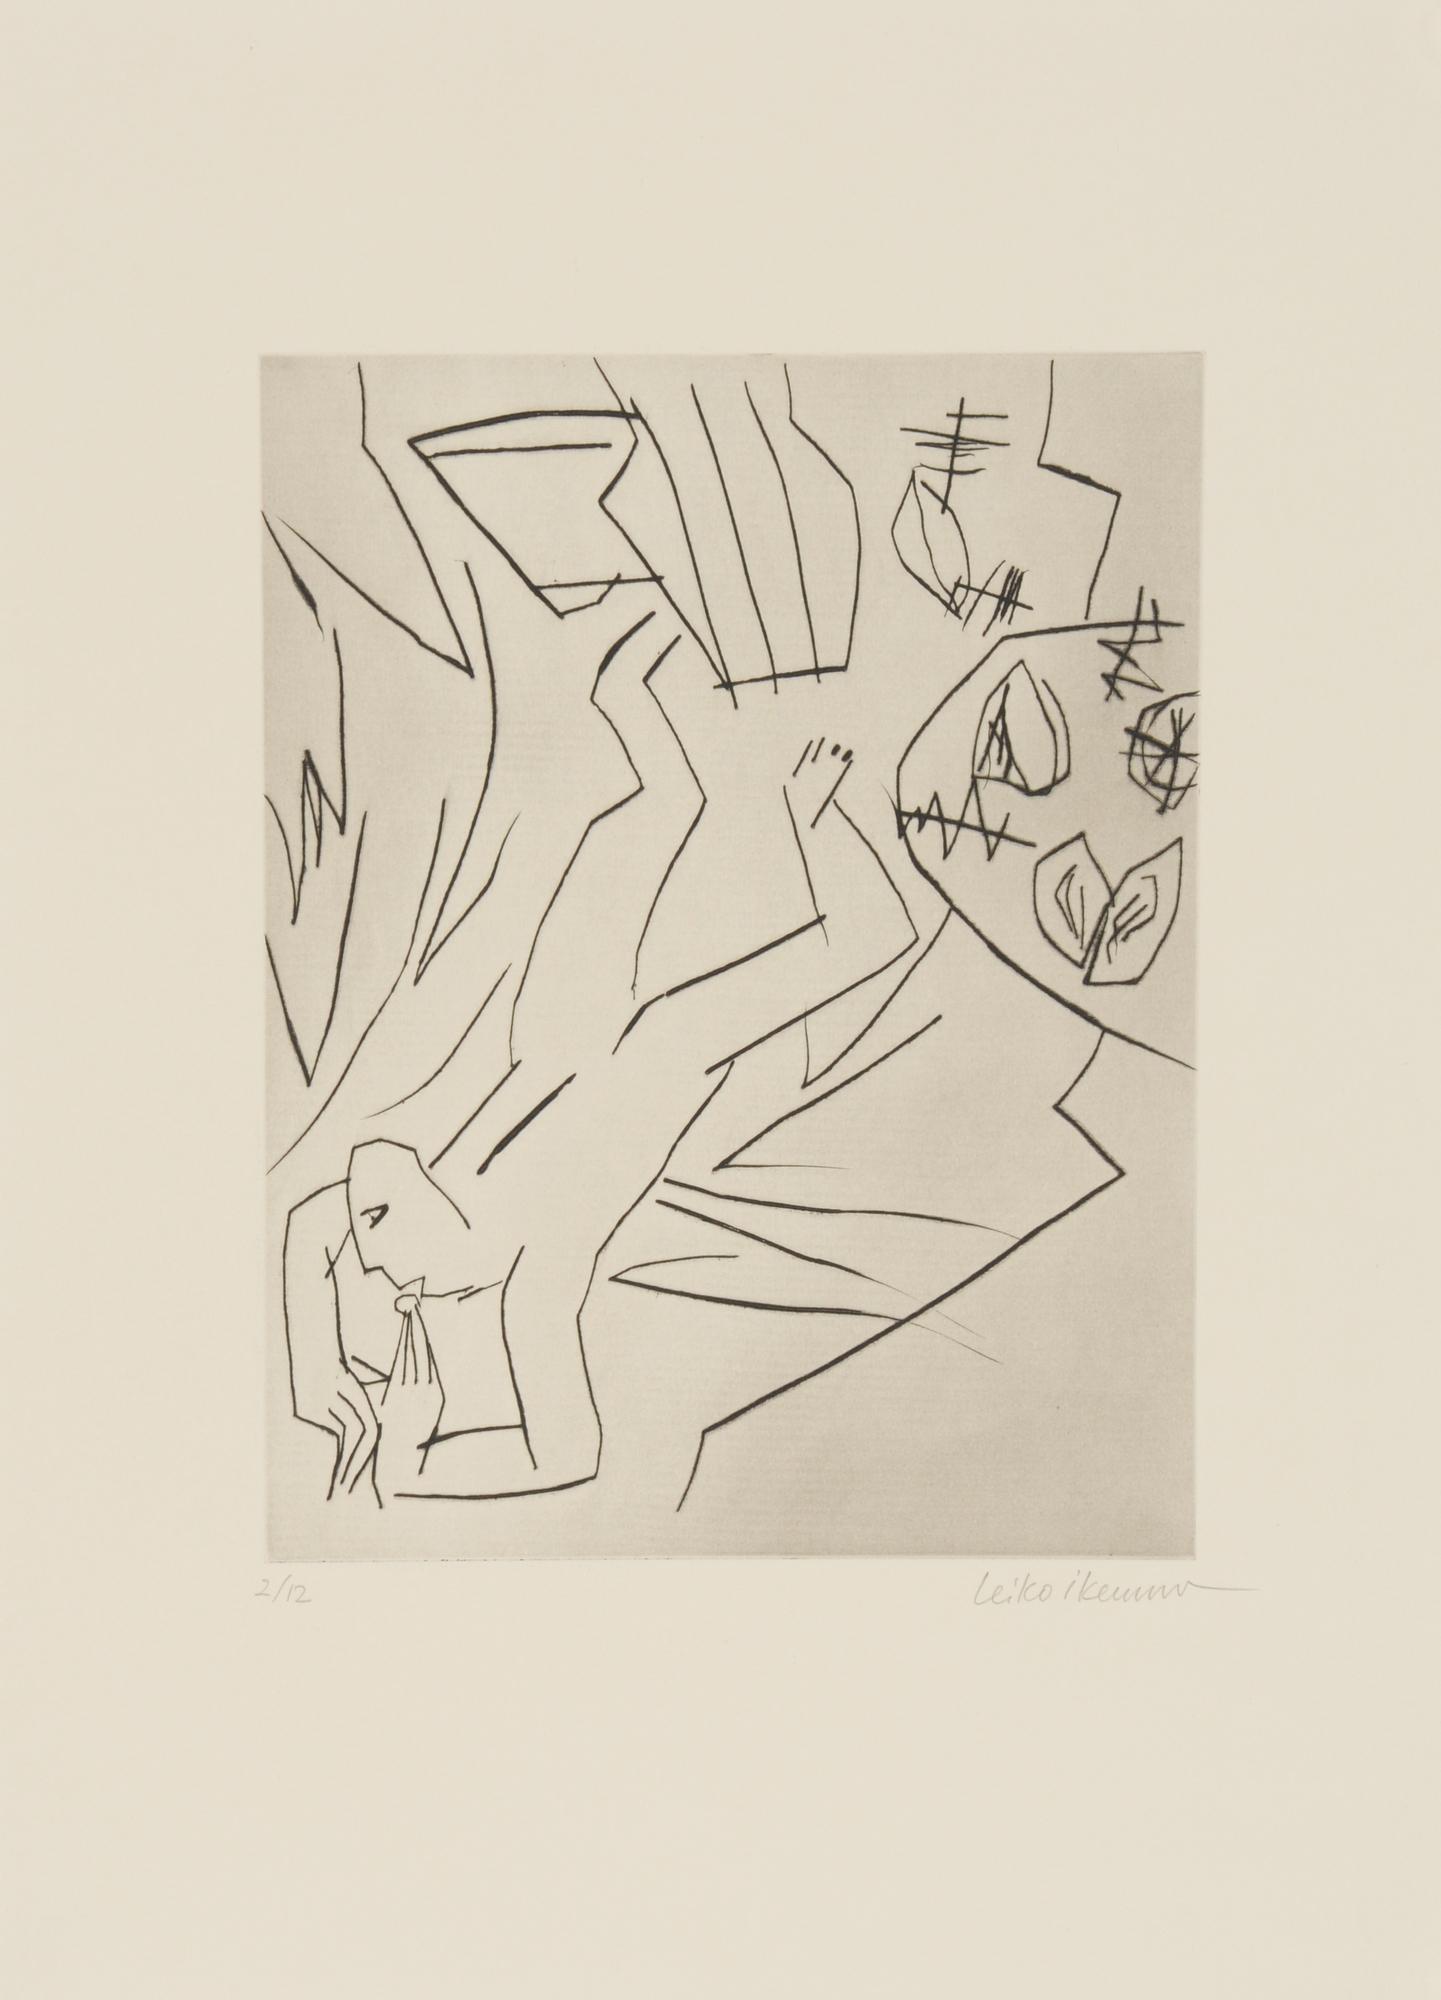 Grafik, 9 sheets: H. Schärer; L. Ikemura (2); P. Emch (2); F. Eggenschwiler (2); Anonymous (2)